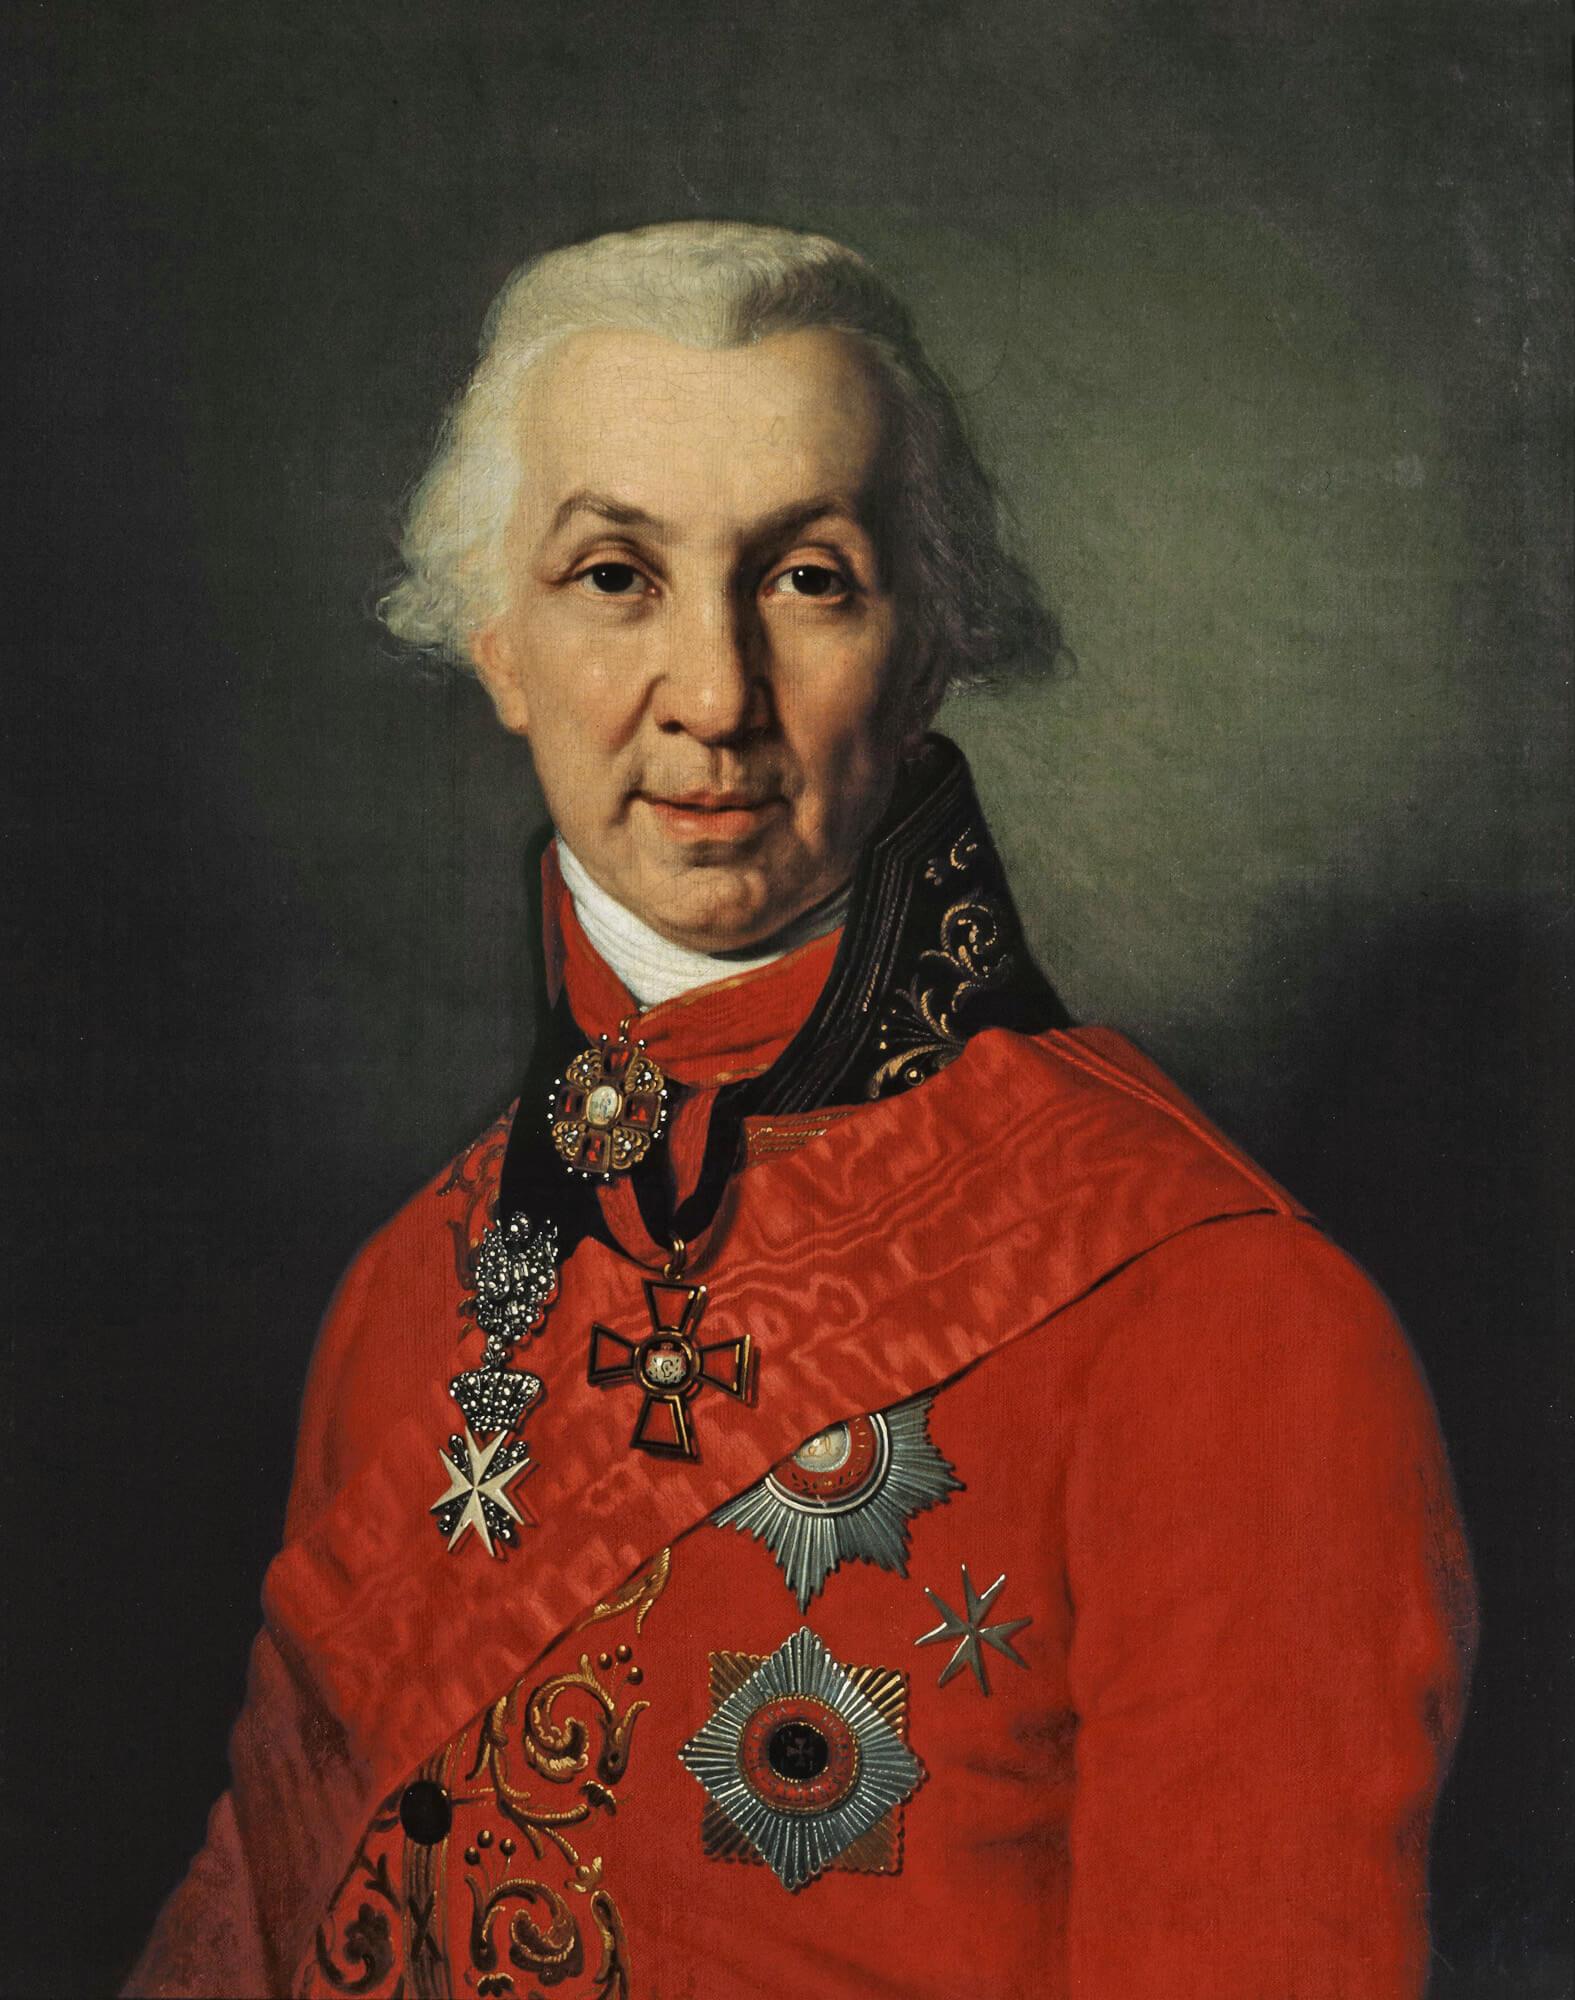 Портрет Гавриила Державина кисти В. Боровиковского, 1811.